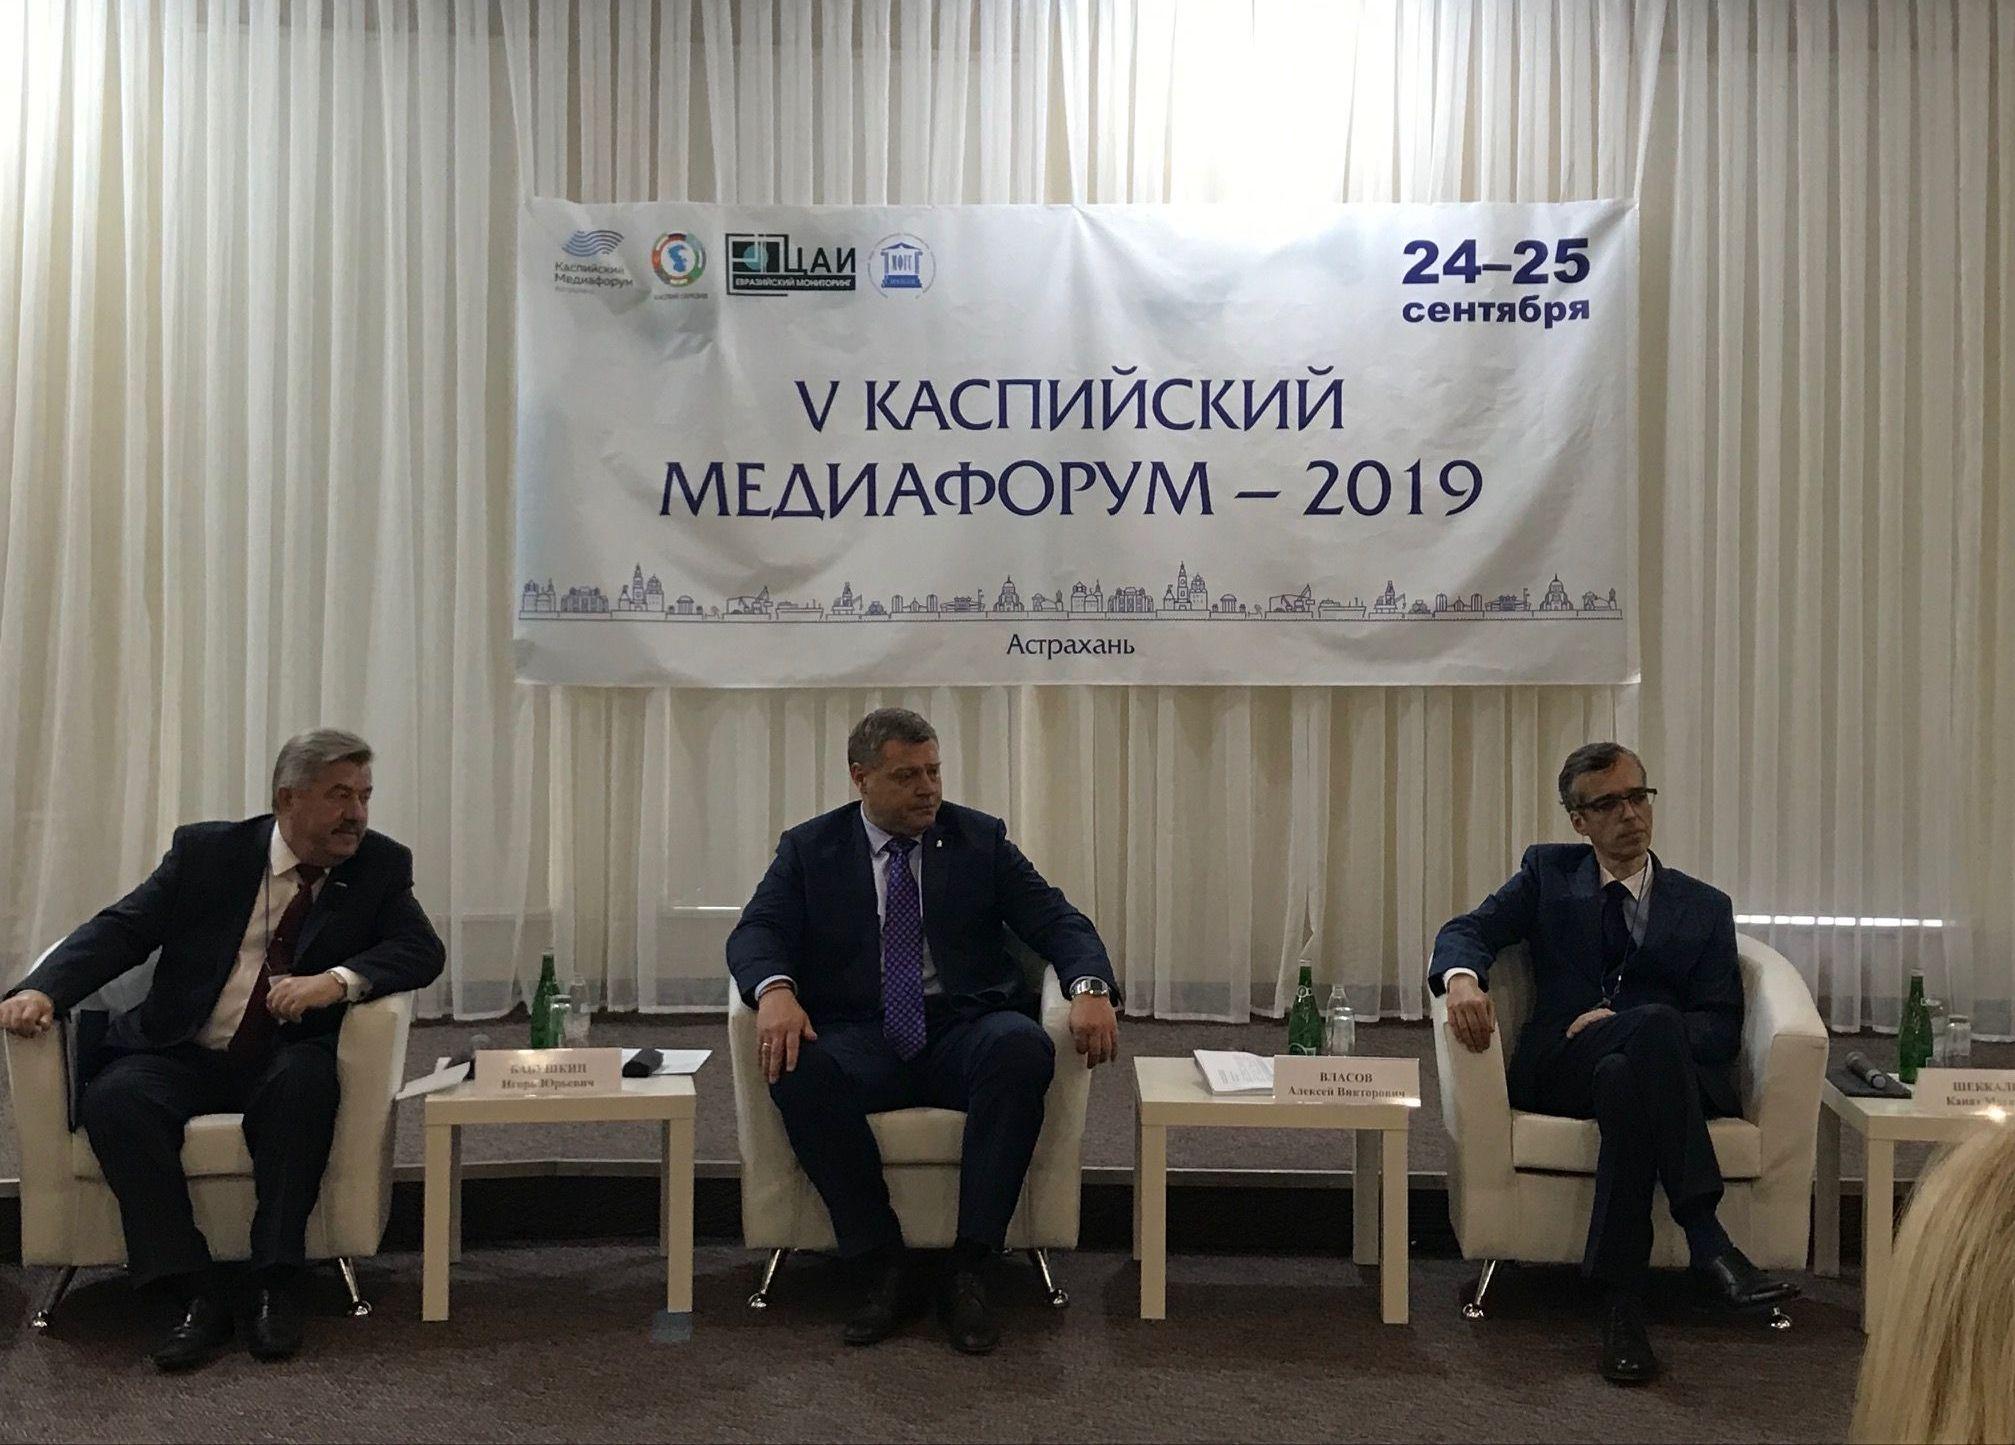 Каспийский медиафорум-2019